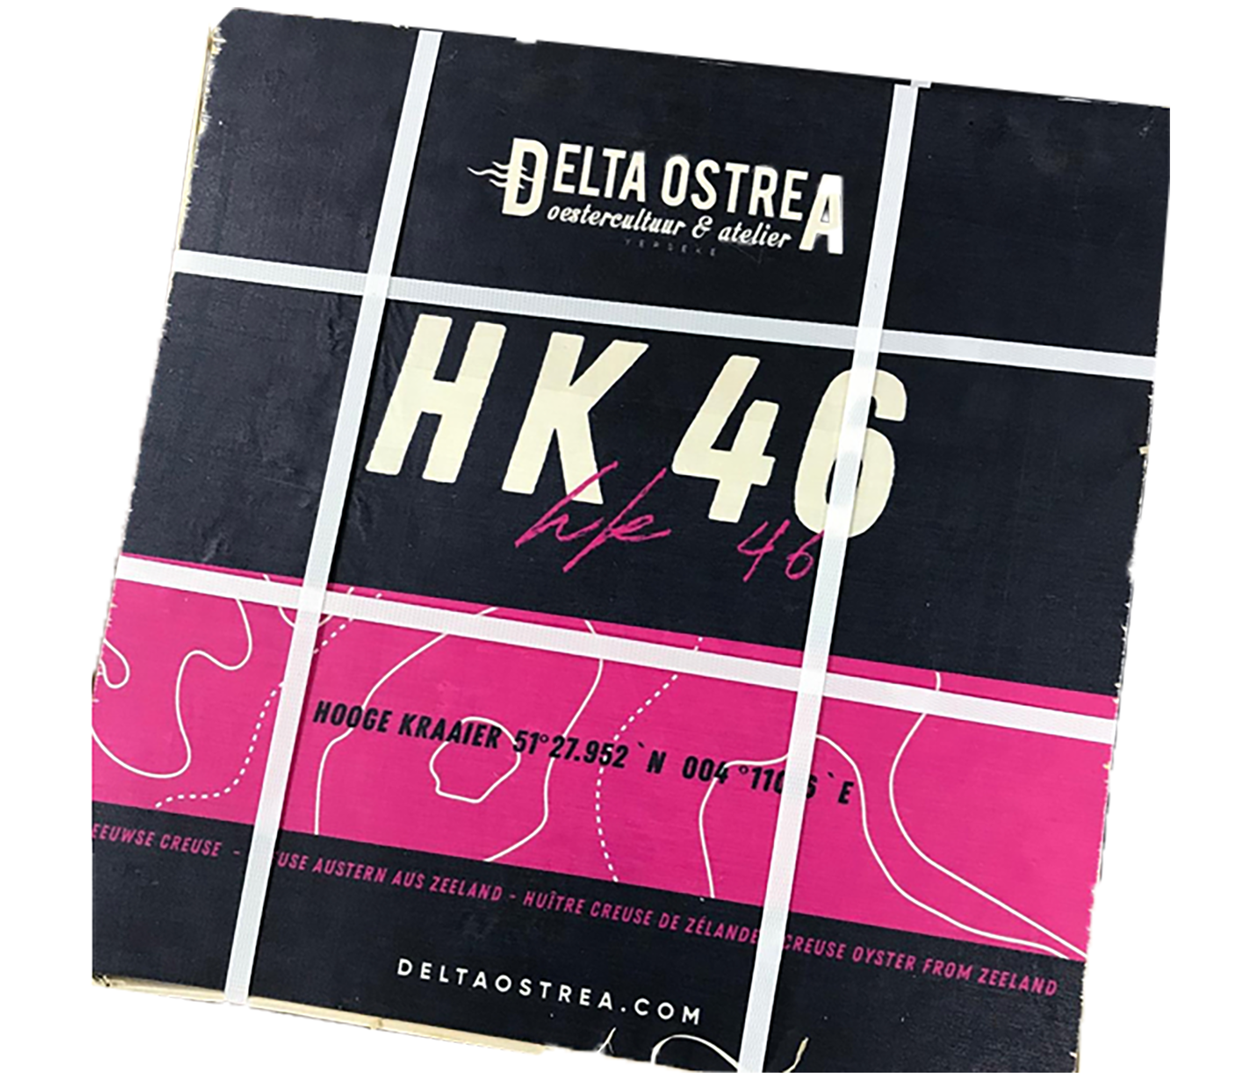 Productafbeelding TAFEL OESTER HK 46 MAND 25 STUKS